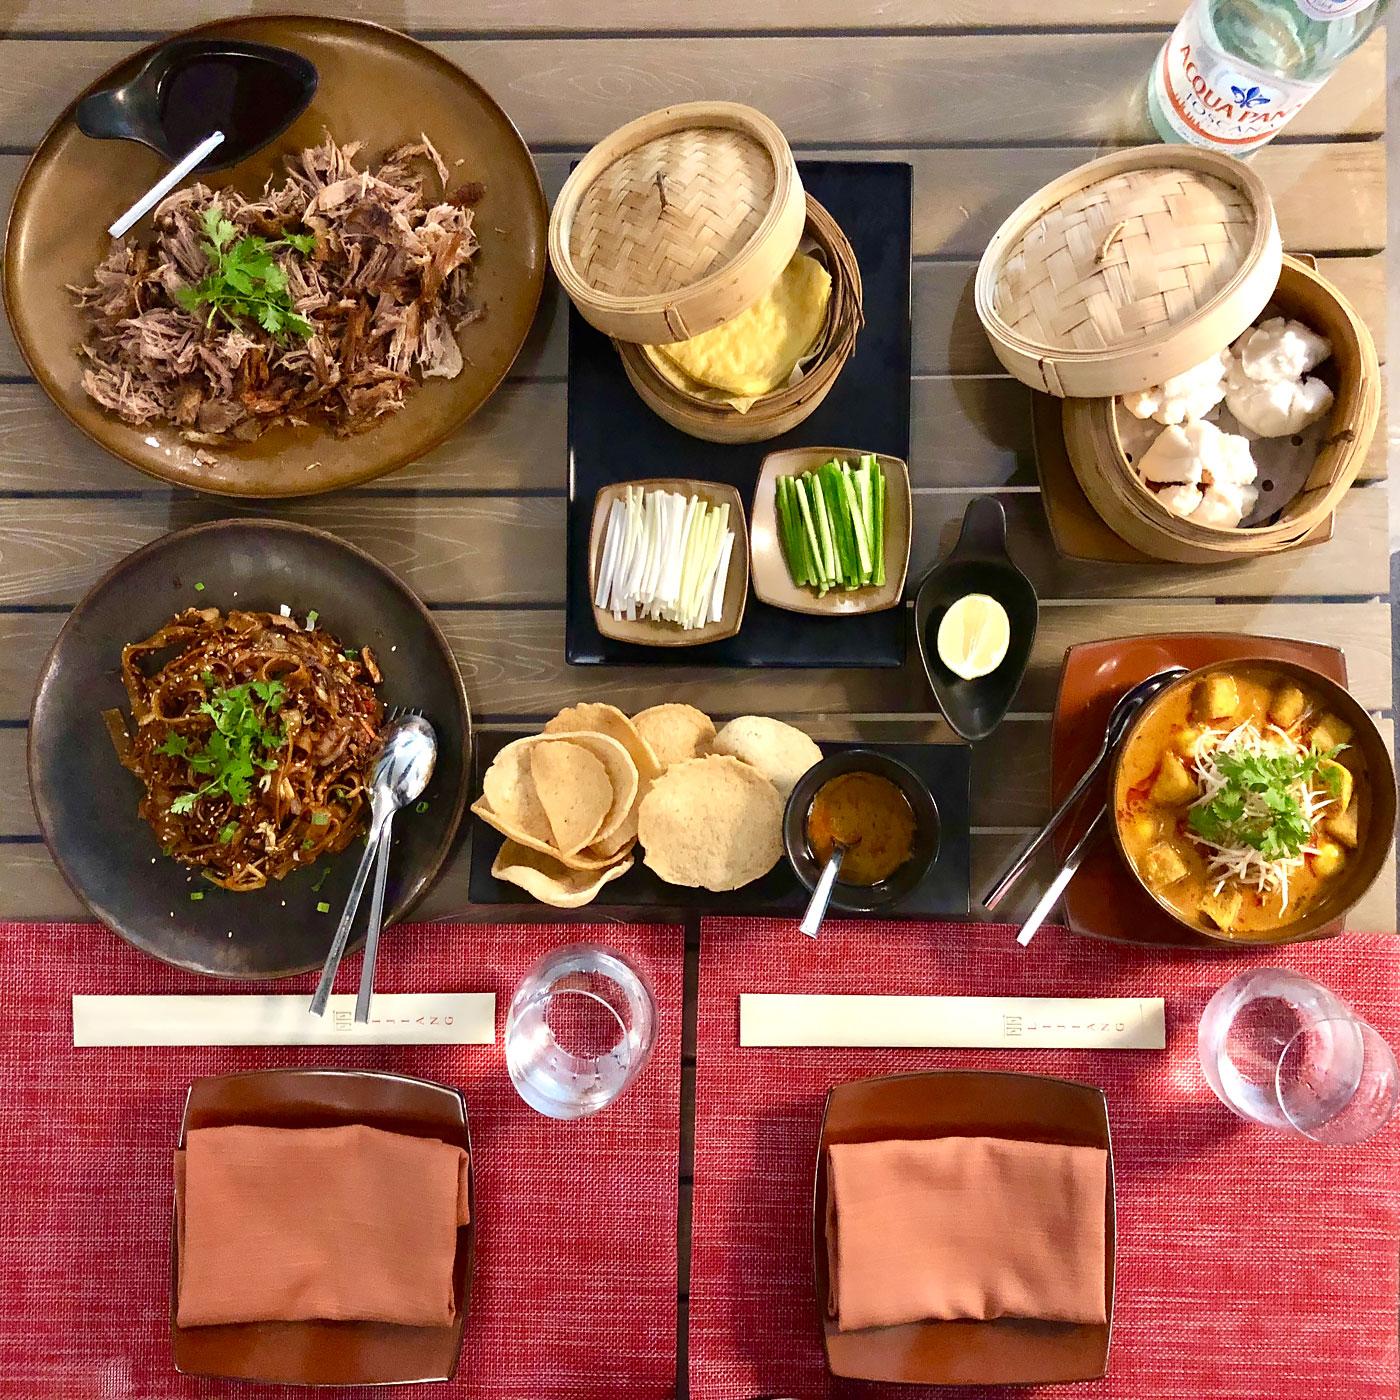 Delicious Asian Food at Li Jiang (The Ritz-Carlton, Abu Dhabi)